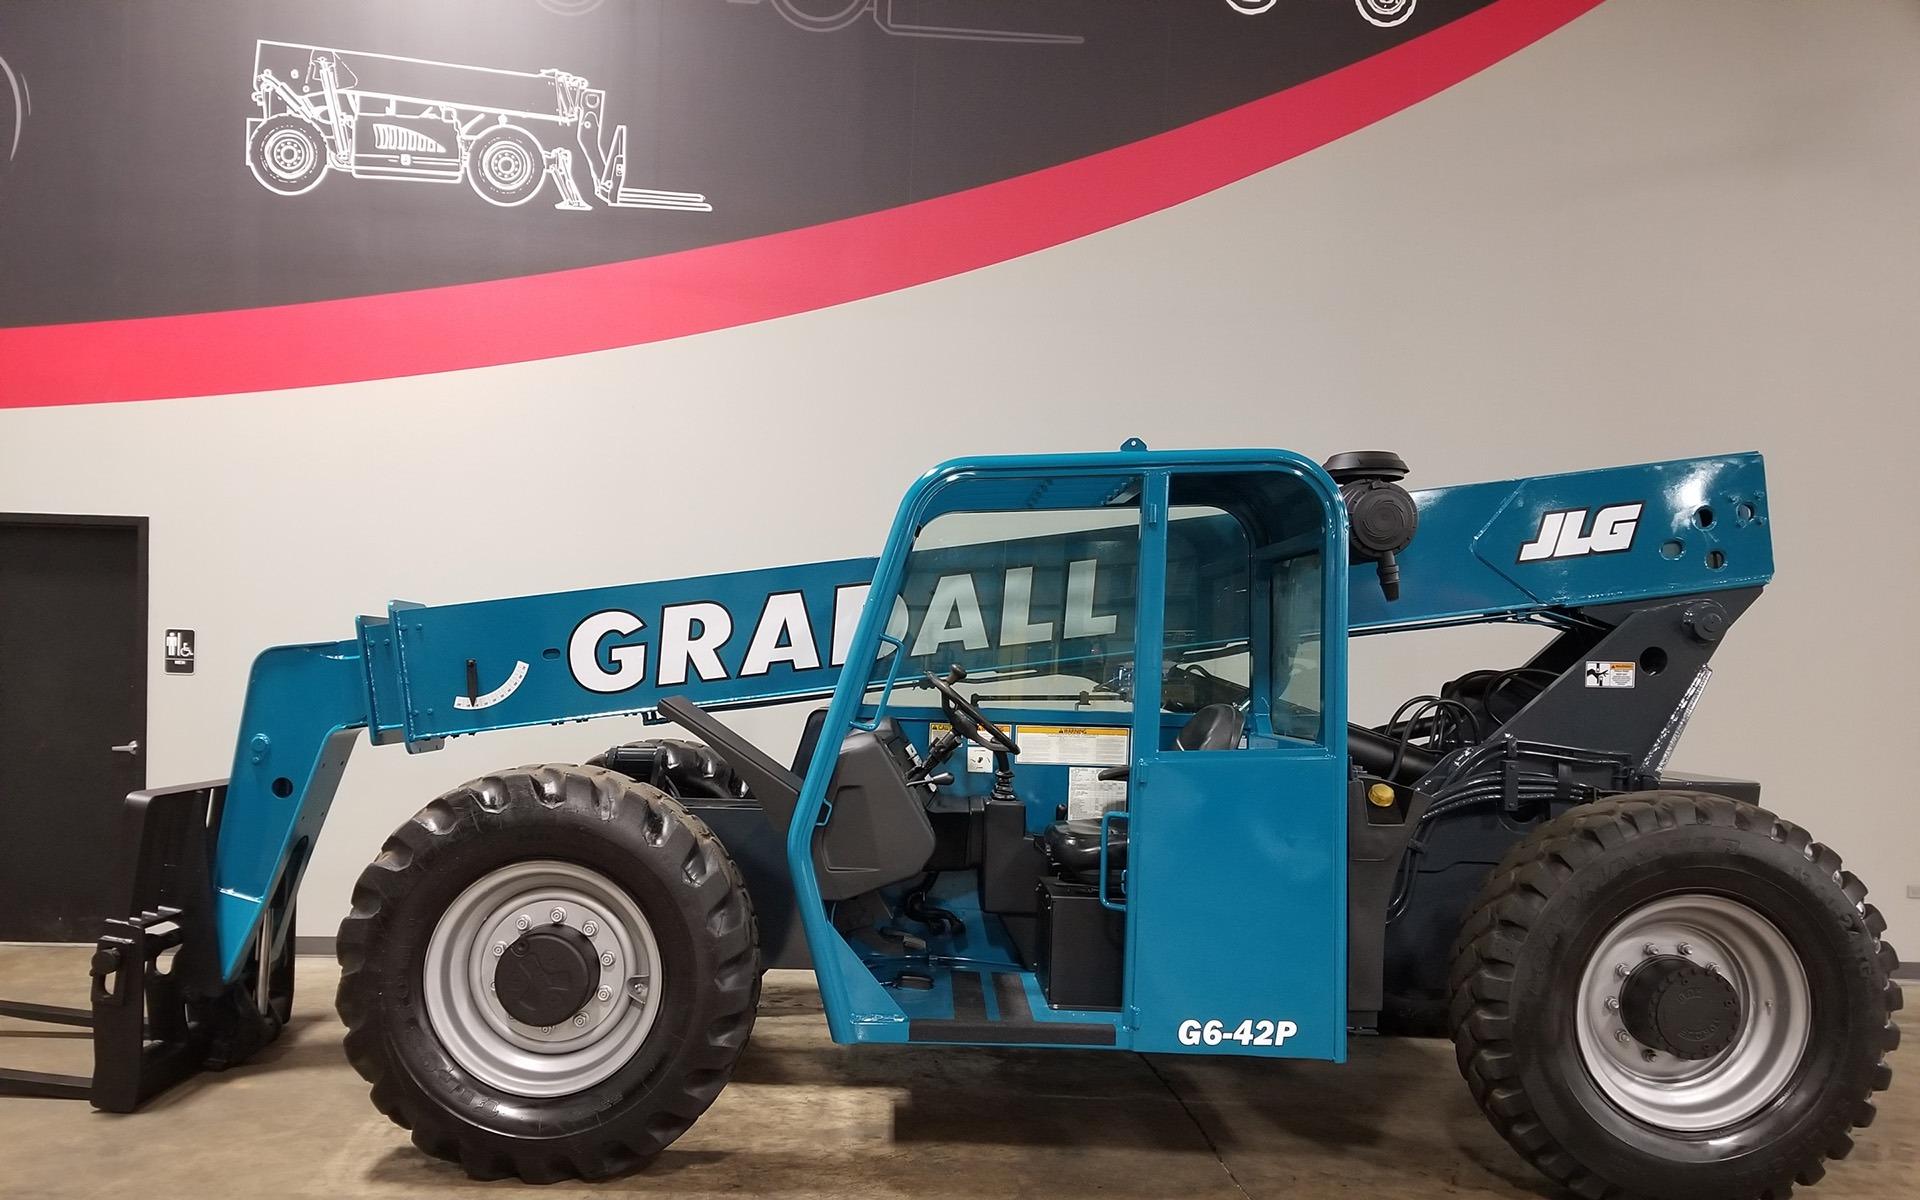 Gradall g6 42p Parts manual